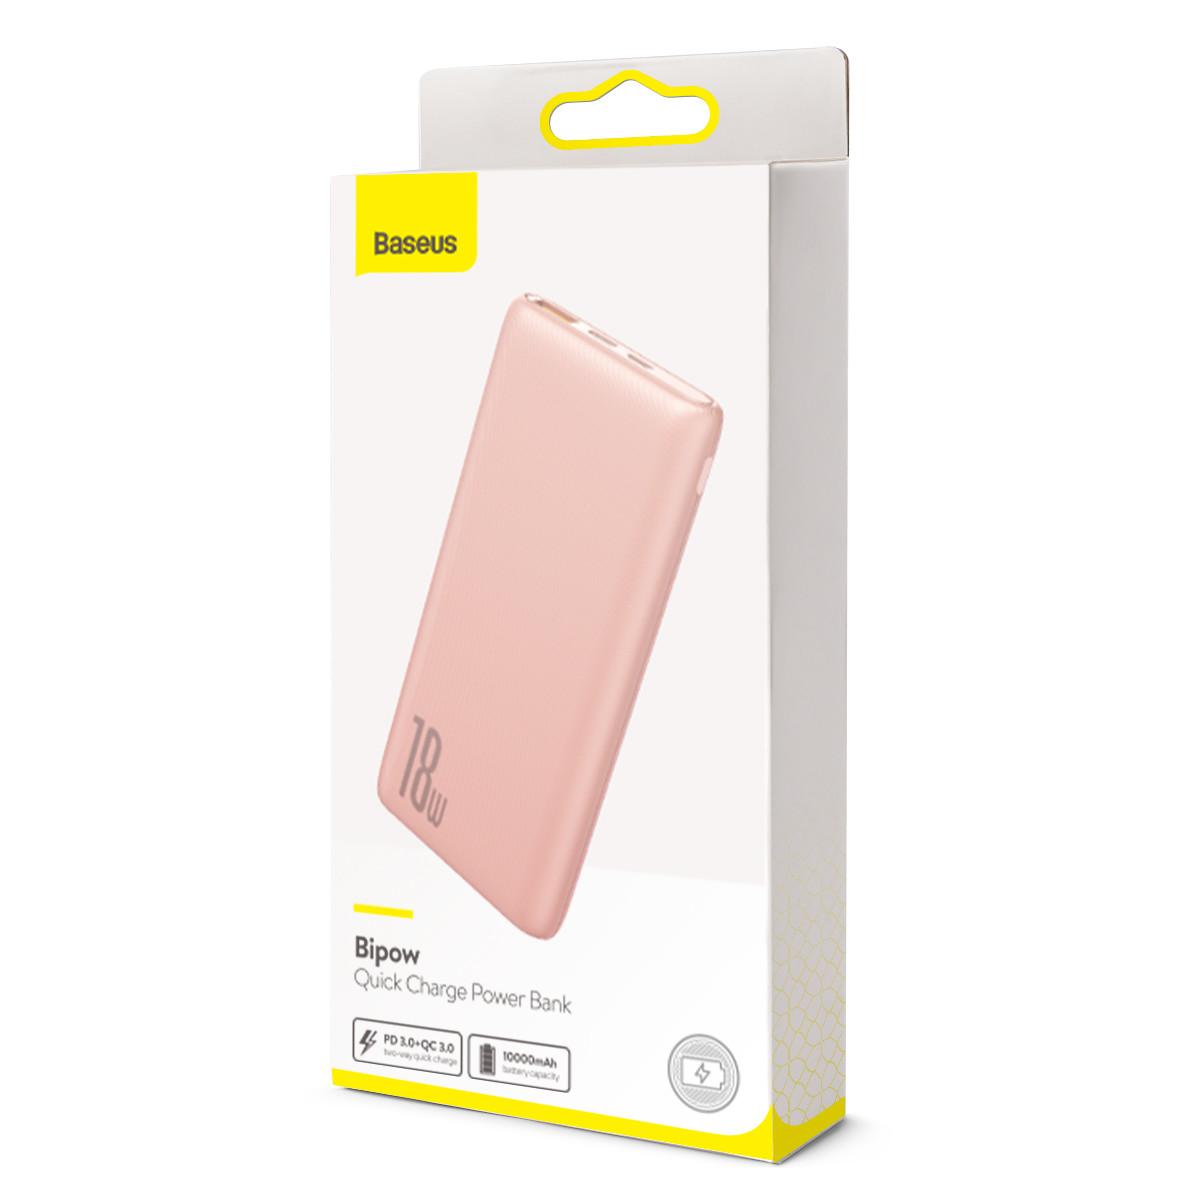 Power Bank Baseus Bipow PD+QC 10000mAh Pink - 5